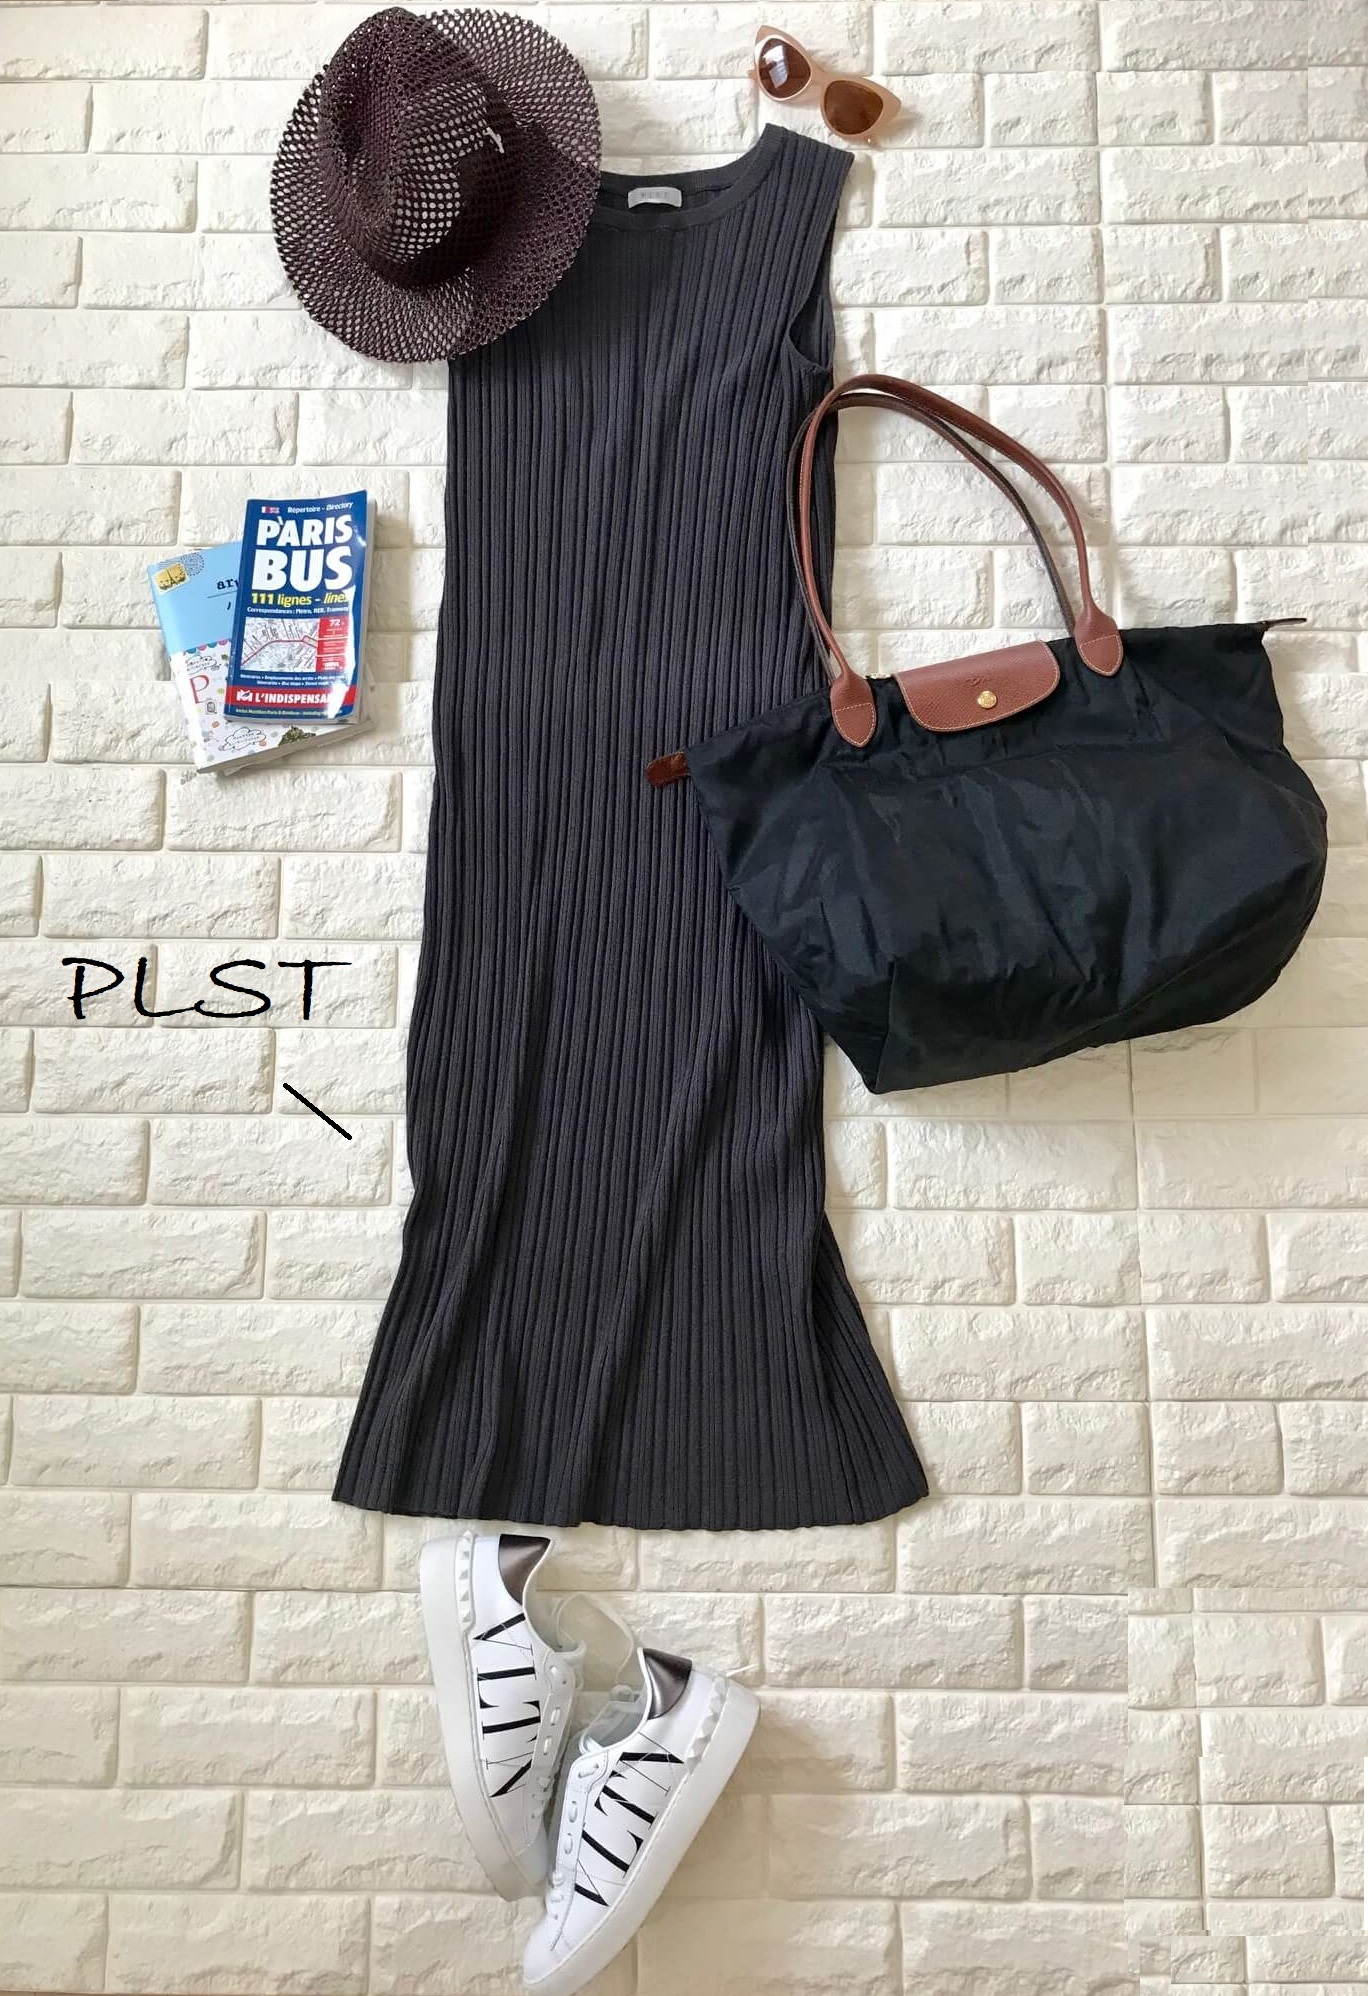 ロンシャンのバッグにプラステのワンピースを合わせた画像